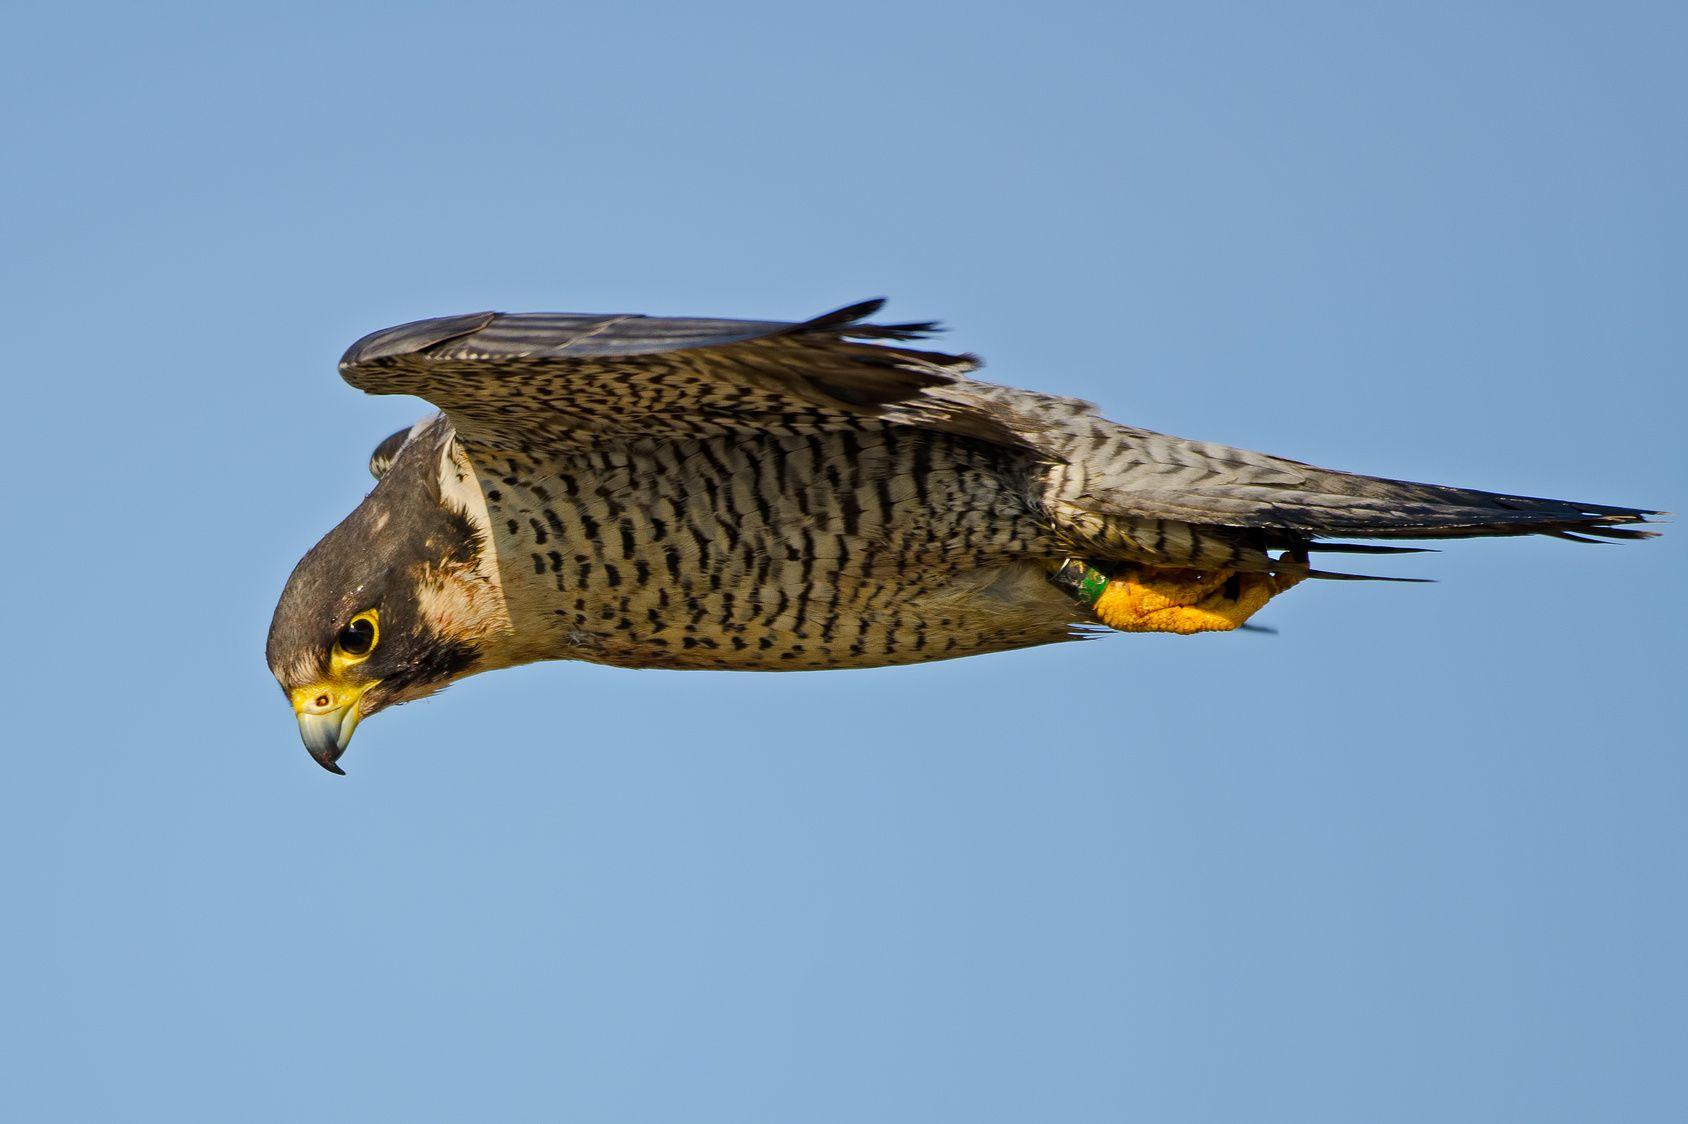 Pour protéger ses aéroports des drones, le Royaume-Uni veut s'inspirer des faucons pèlerins